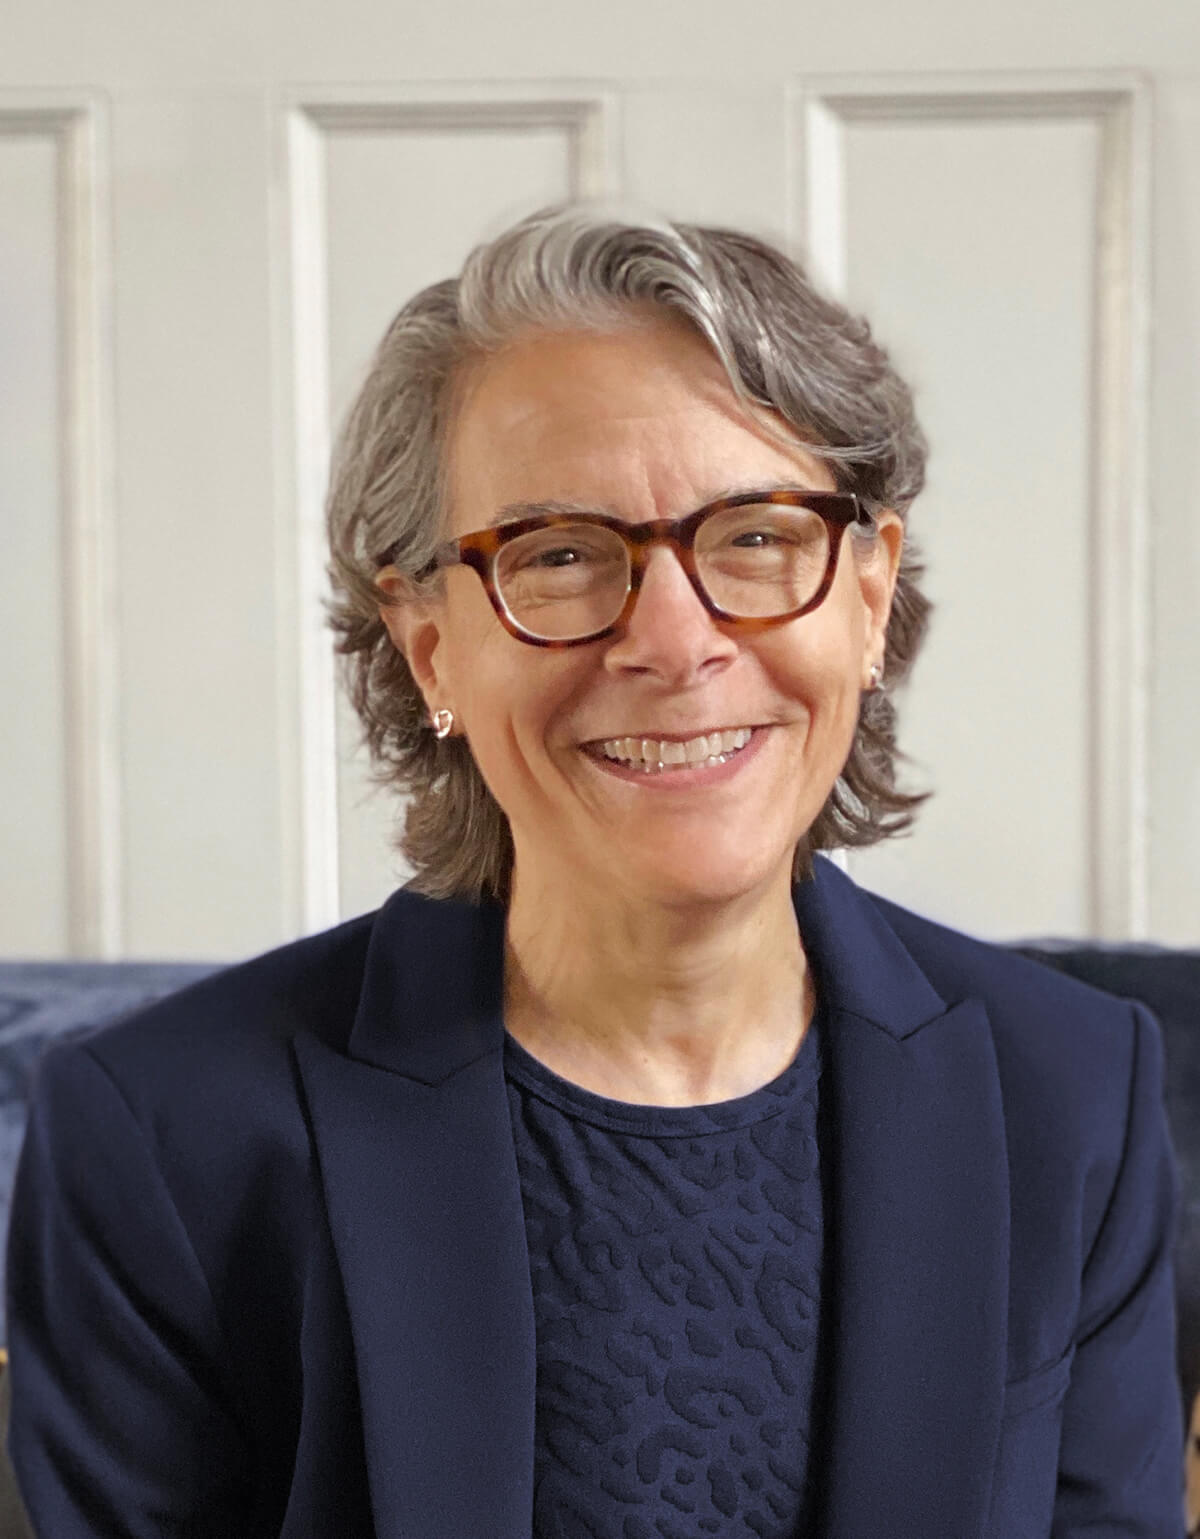 Michele Steckler portrait